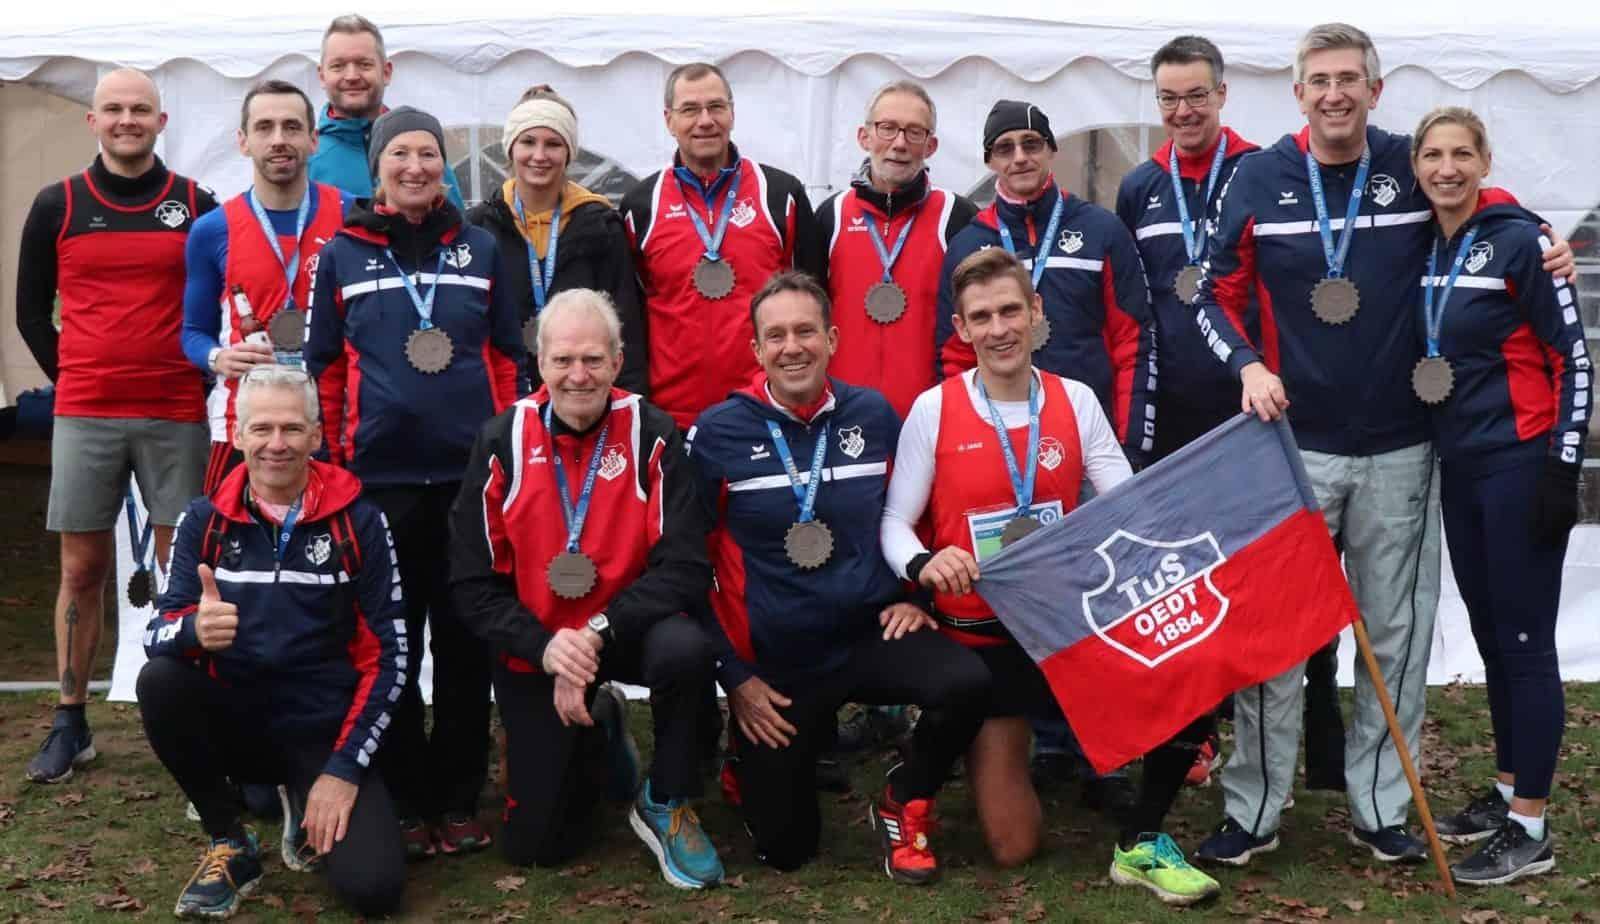 Vielversprechender Jahresauftakt 2020 beim 1. Wesel Marathon